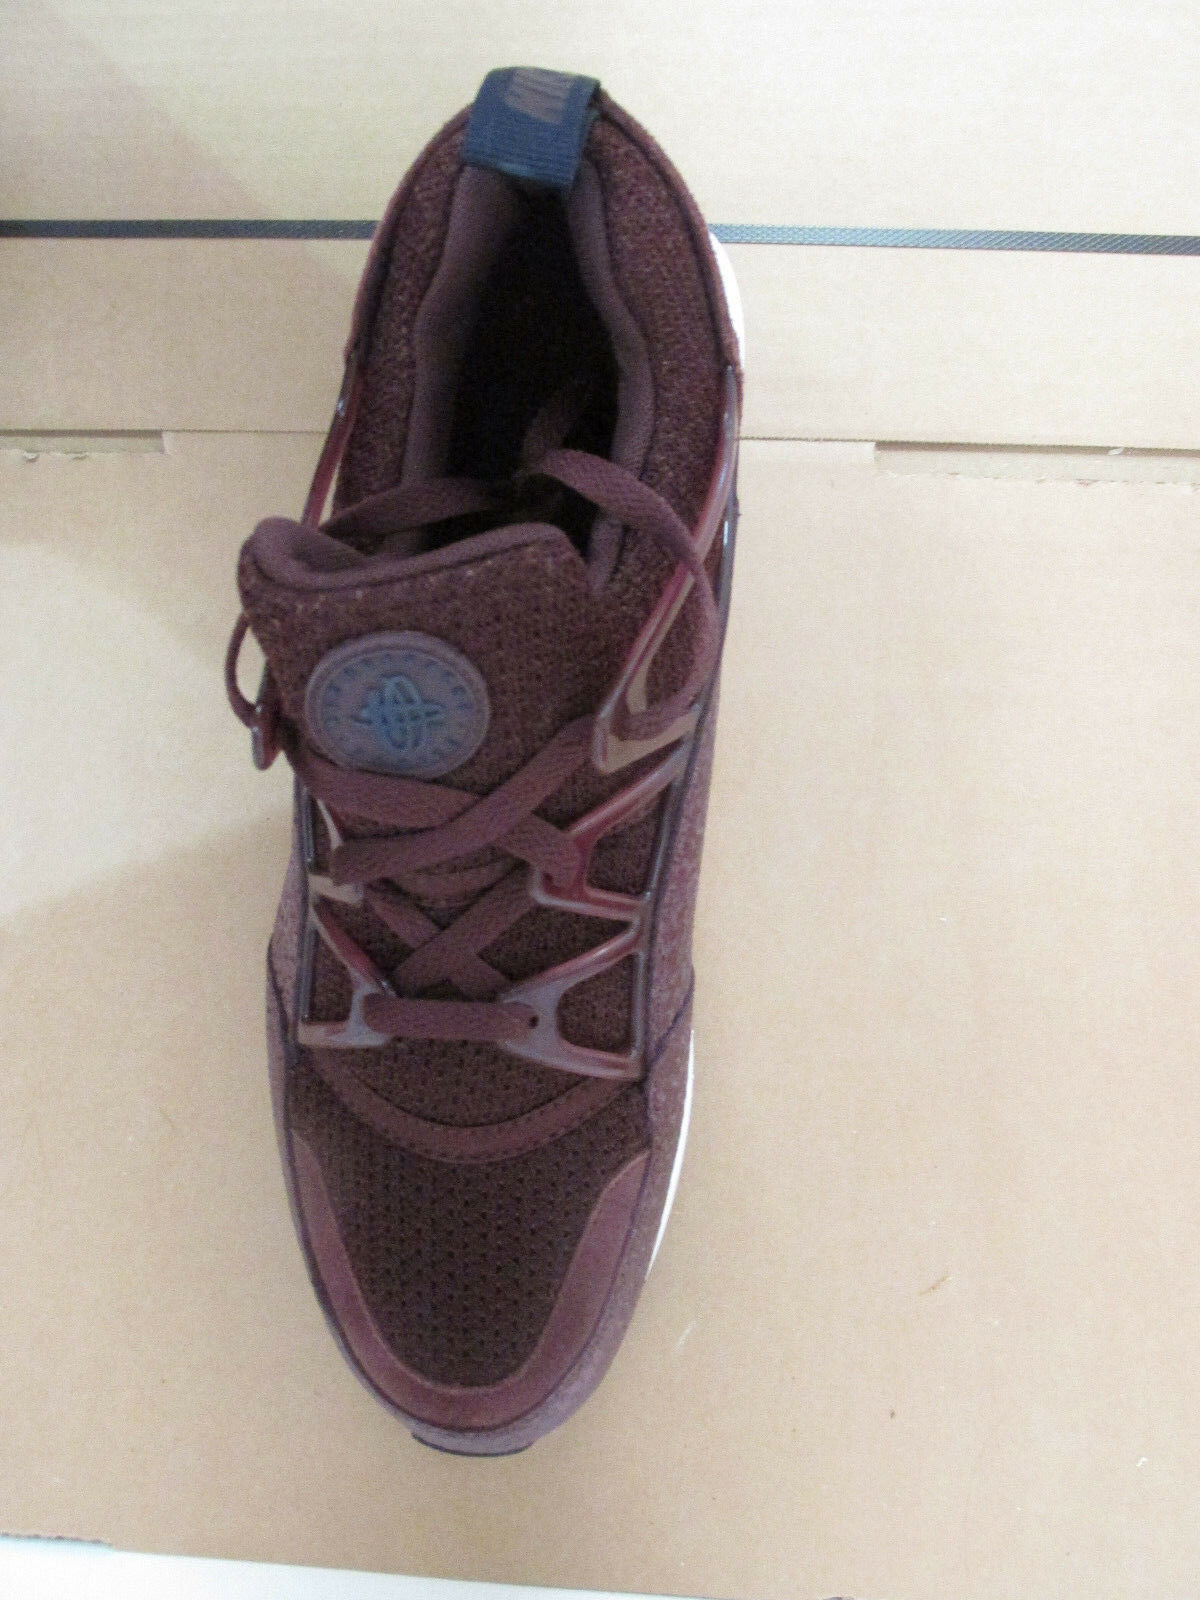 Nike Aire Huarache Huarache Huarache Claro Zapatillas Hombre 306127 641 Zapatos Liquidación 117fcc